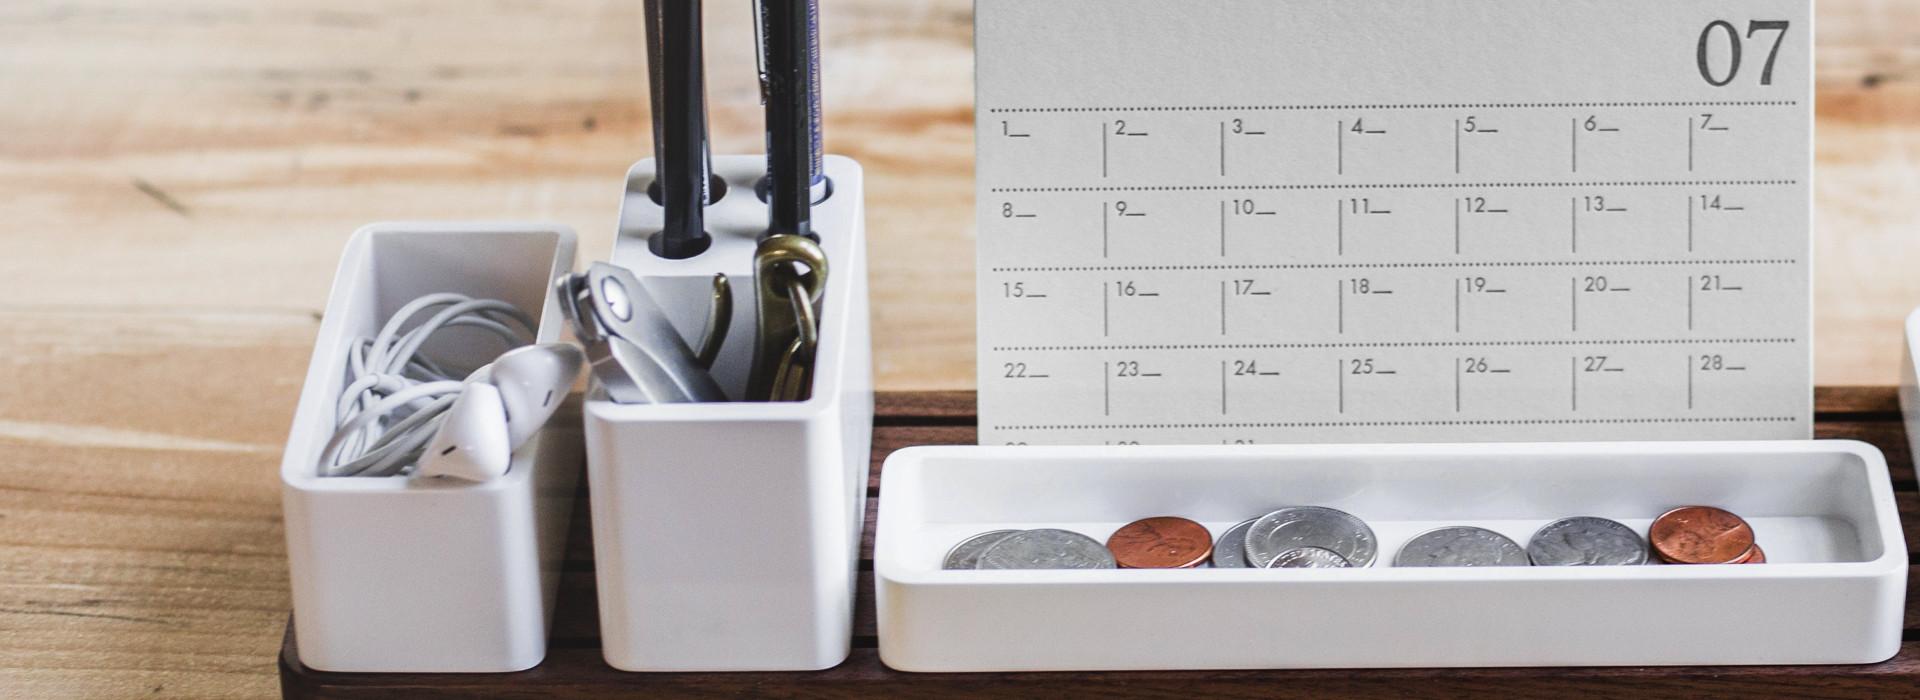 Finanzierung - sicher in die eigene Zukunft investieren